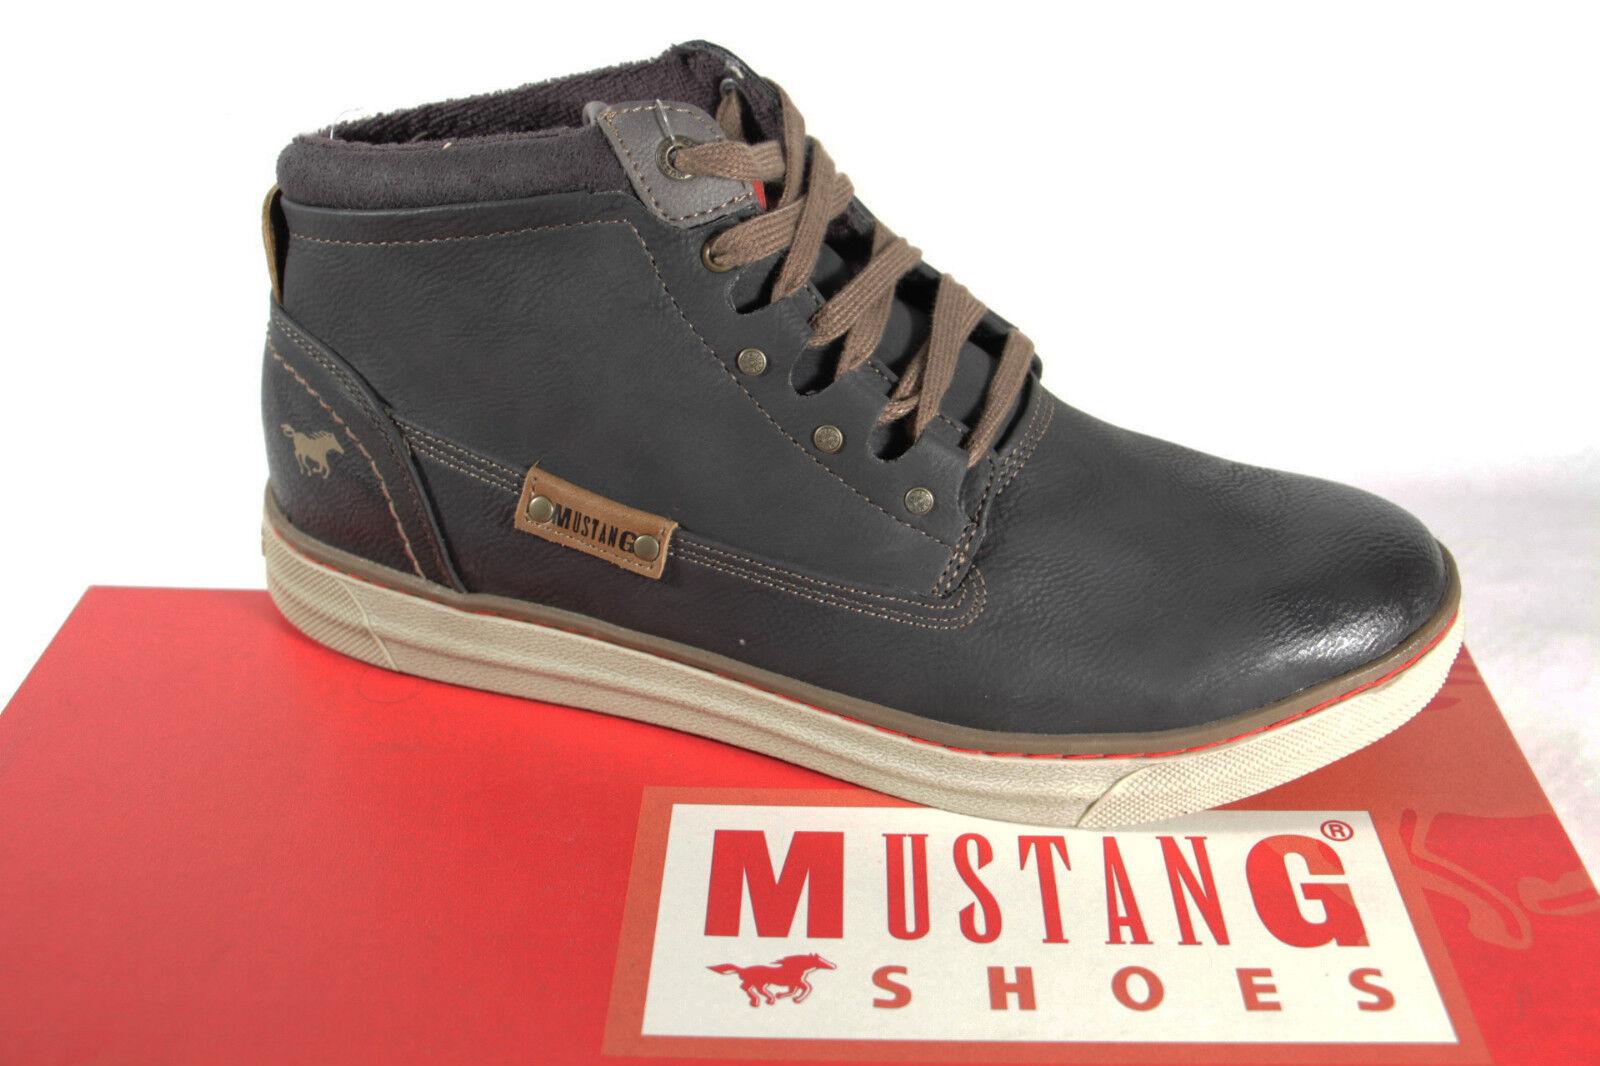 Mustang Stiefel Boots Schnürstiefel grau Stofffutter Wechselfußbett 4068 NEU